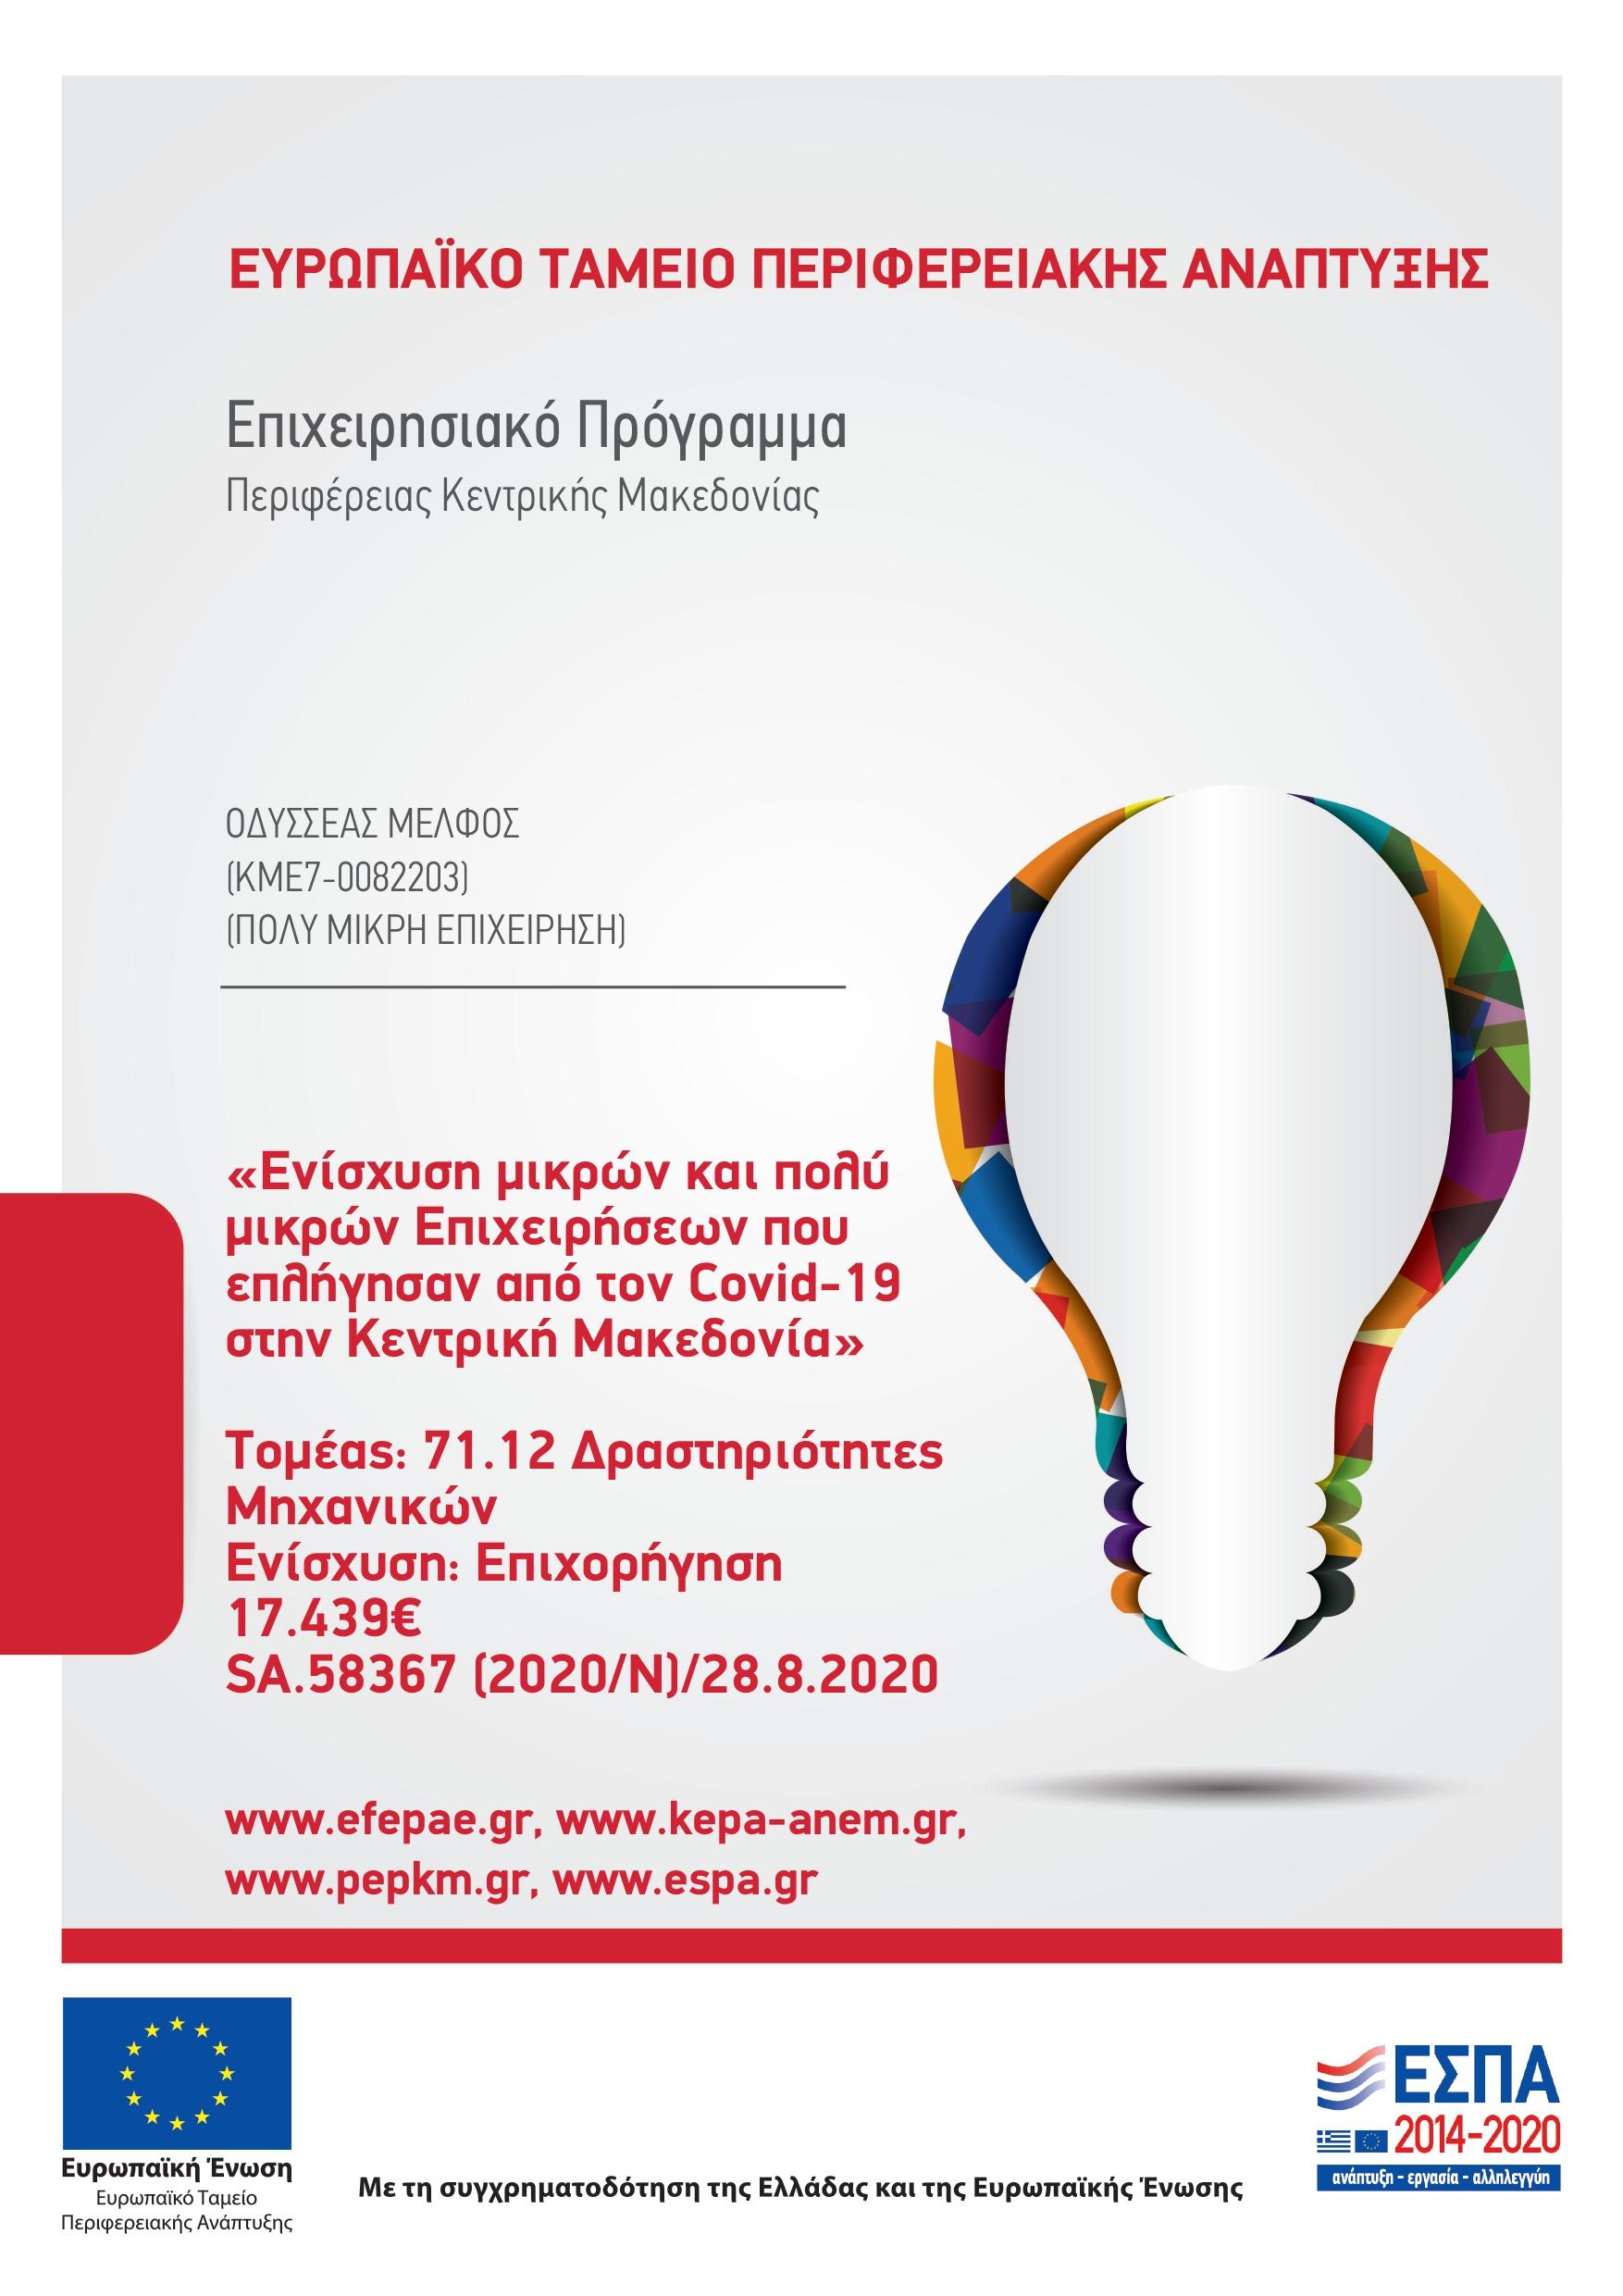 Επιχειρησιακό Πρόγραμμα Περιφέρειας Κεντρικής Μακεδονίας